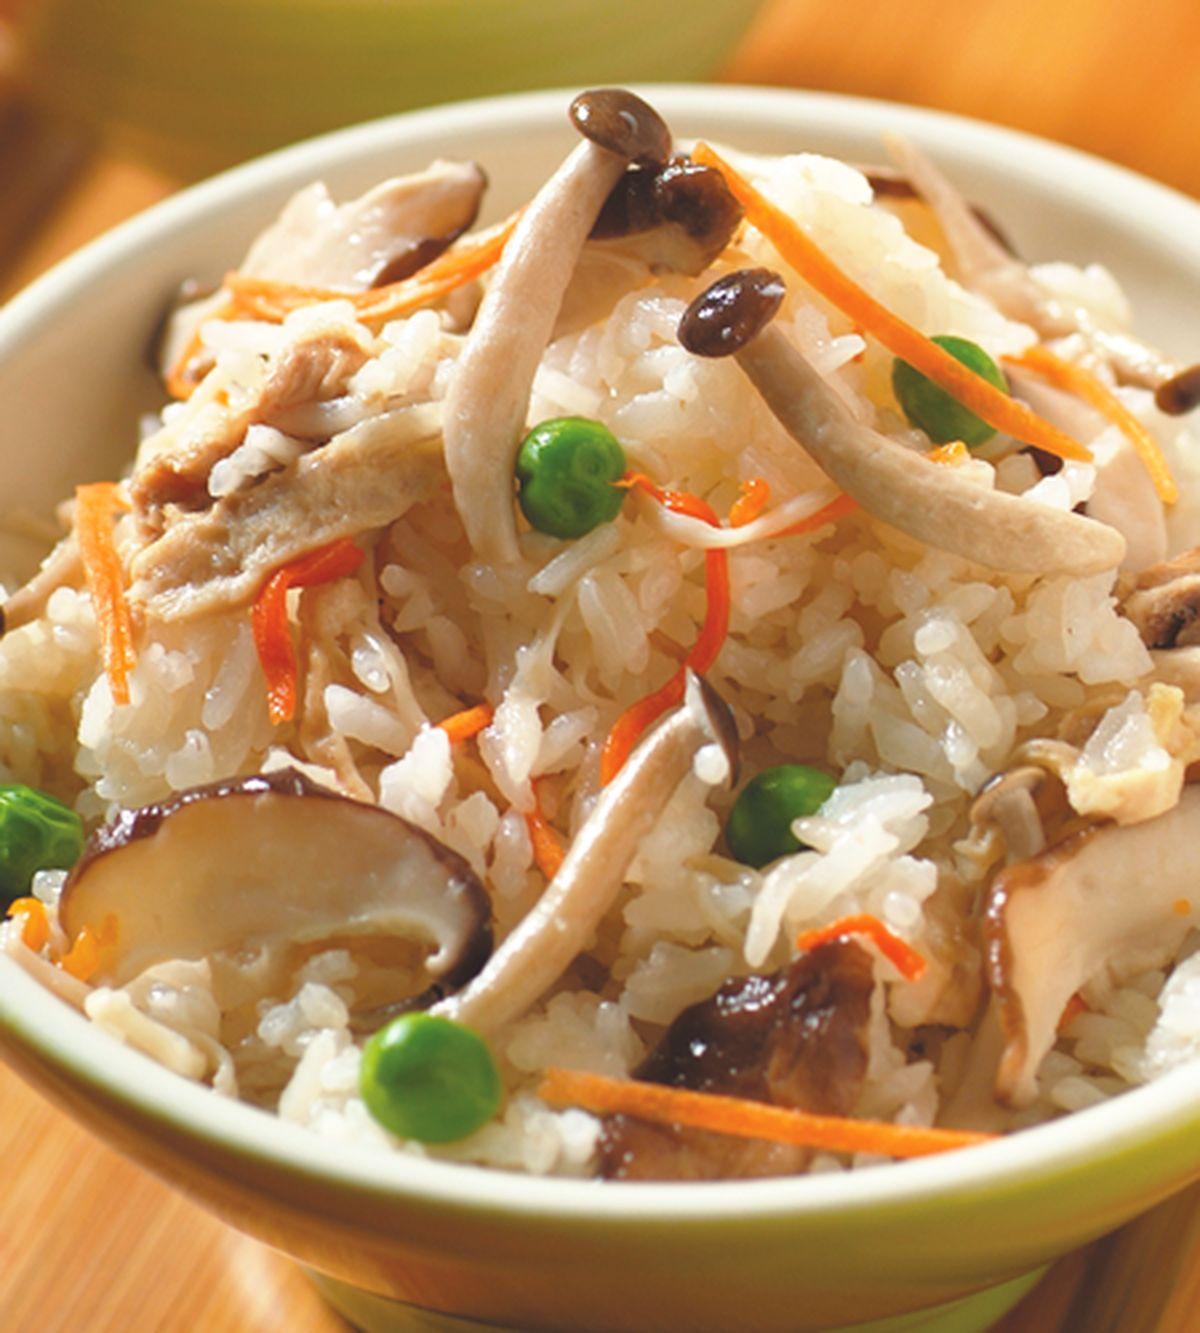 食譜:什錦菇炊飯